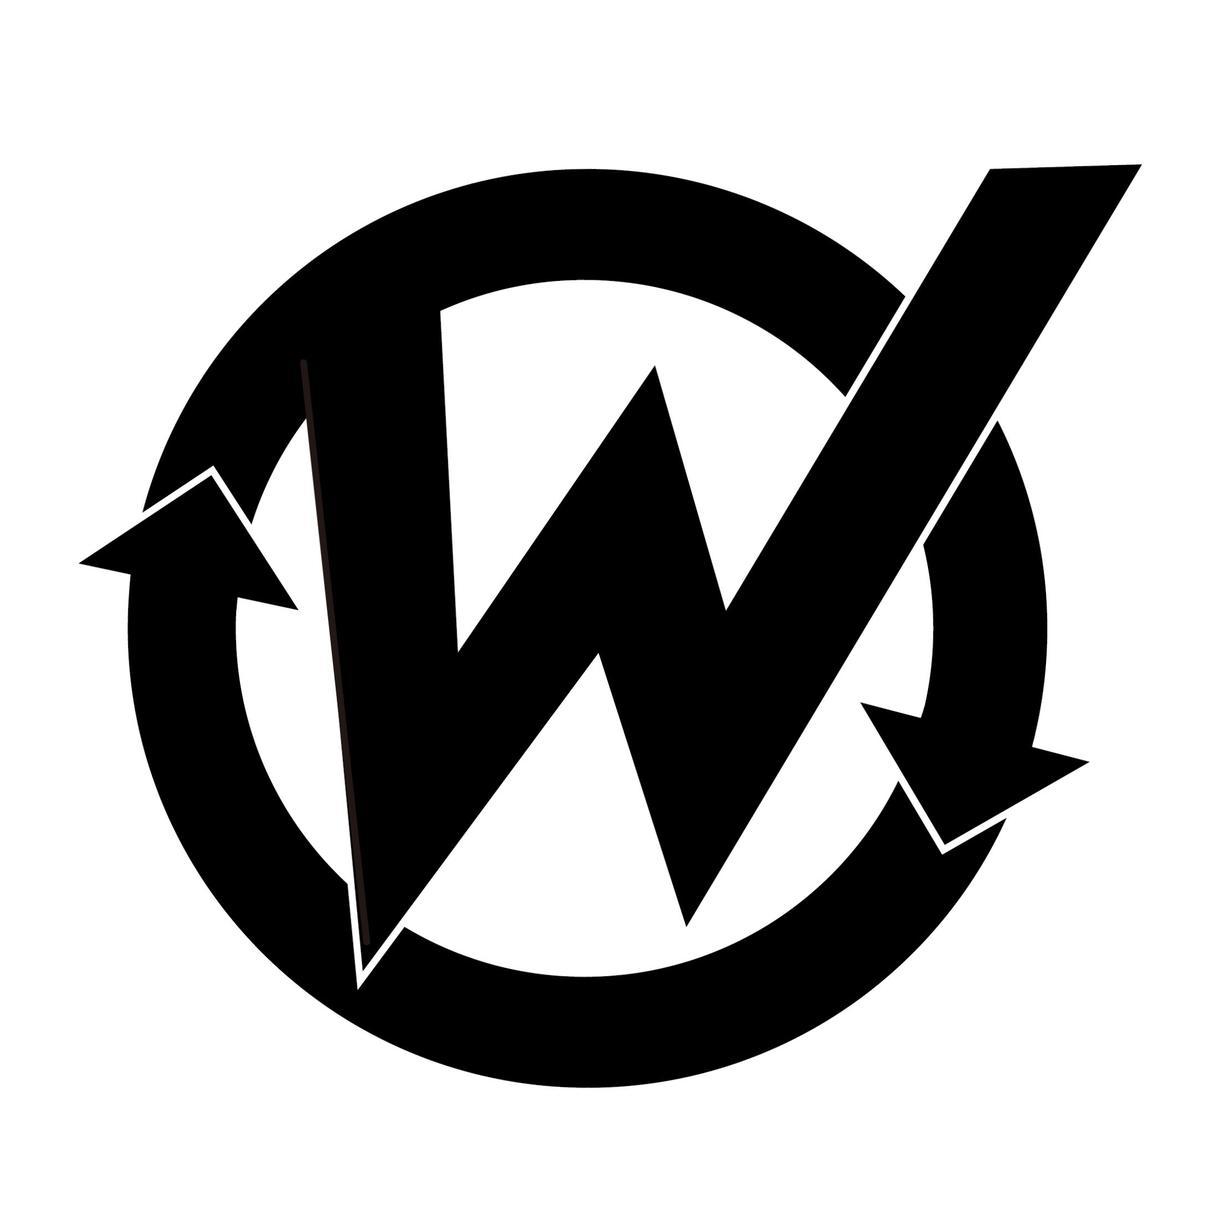 ベストなロゴをデザインします シンプルでインパクトのあるロゴをつくります! イメージ1